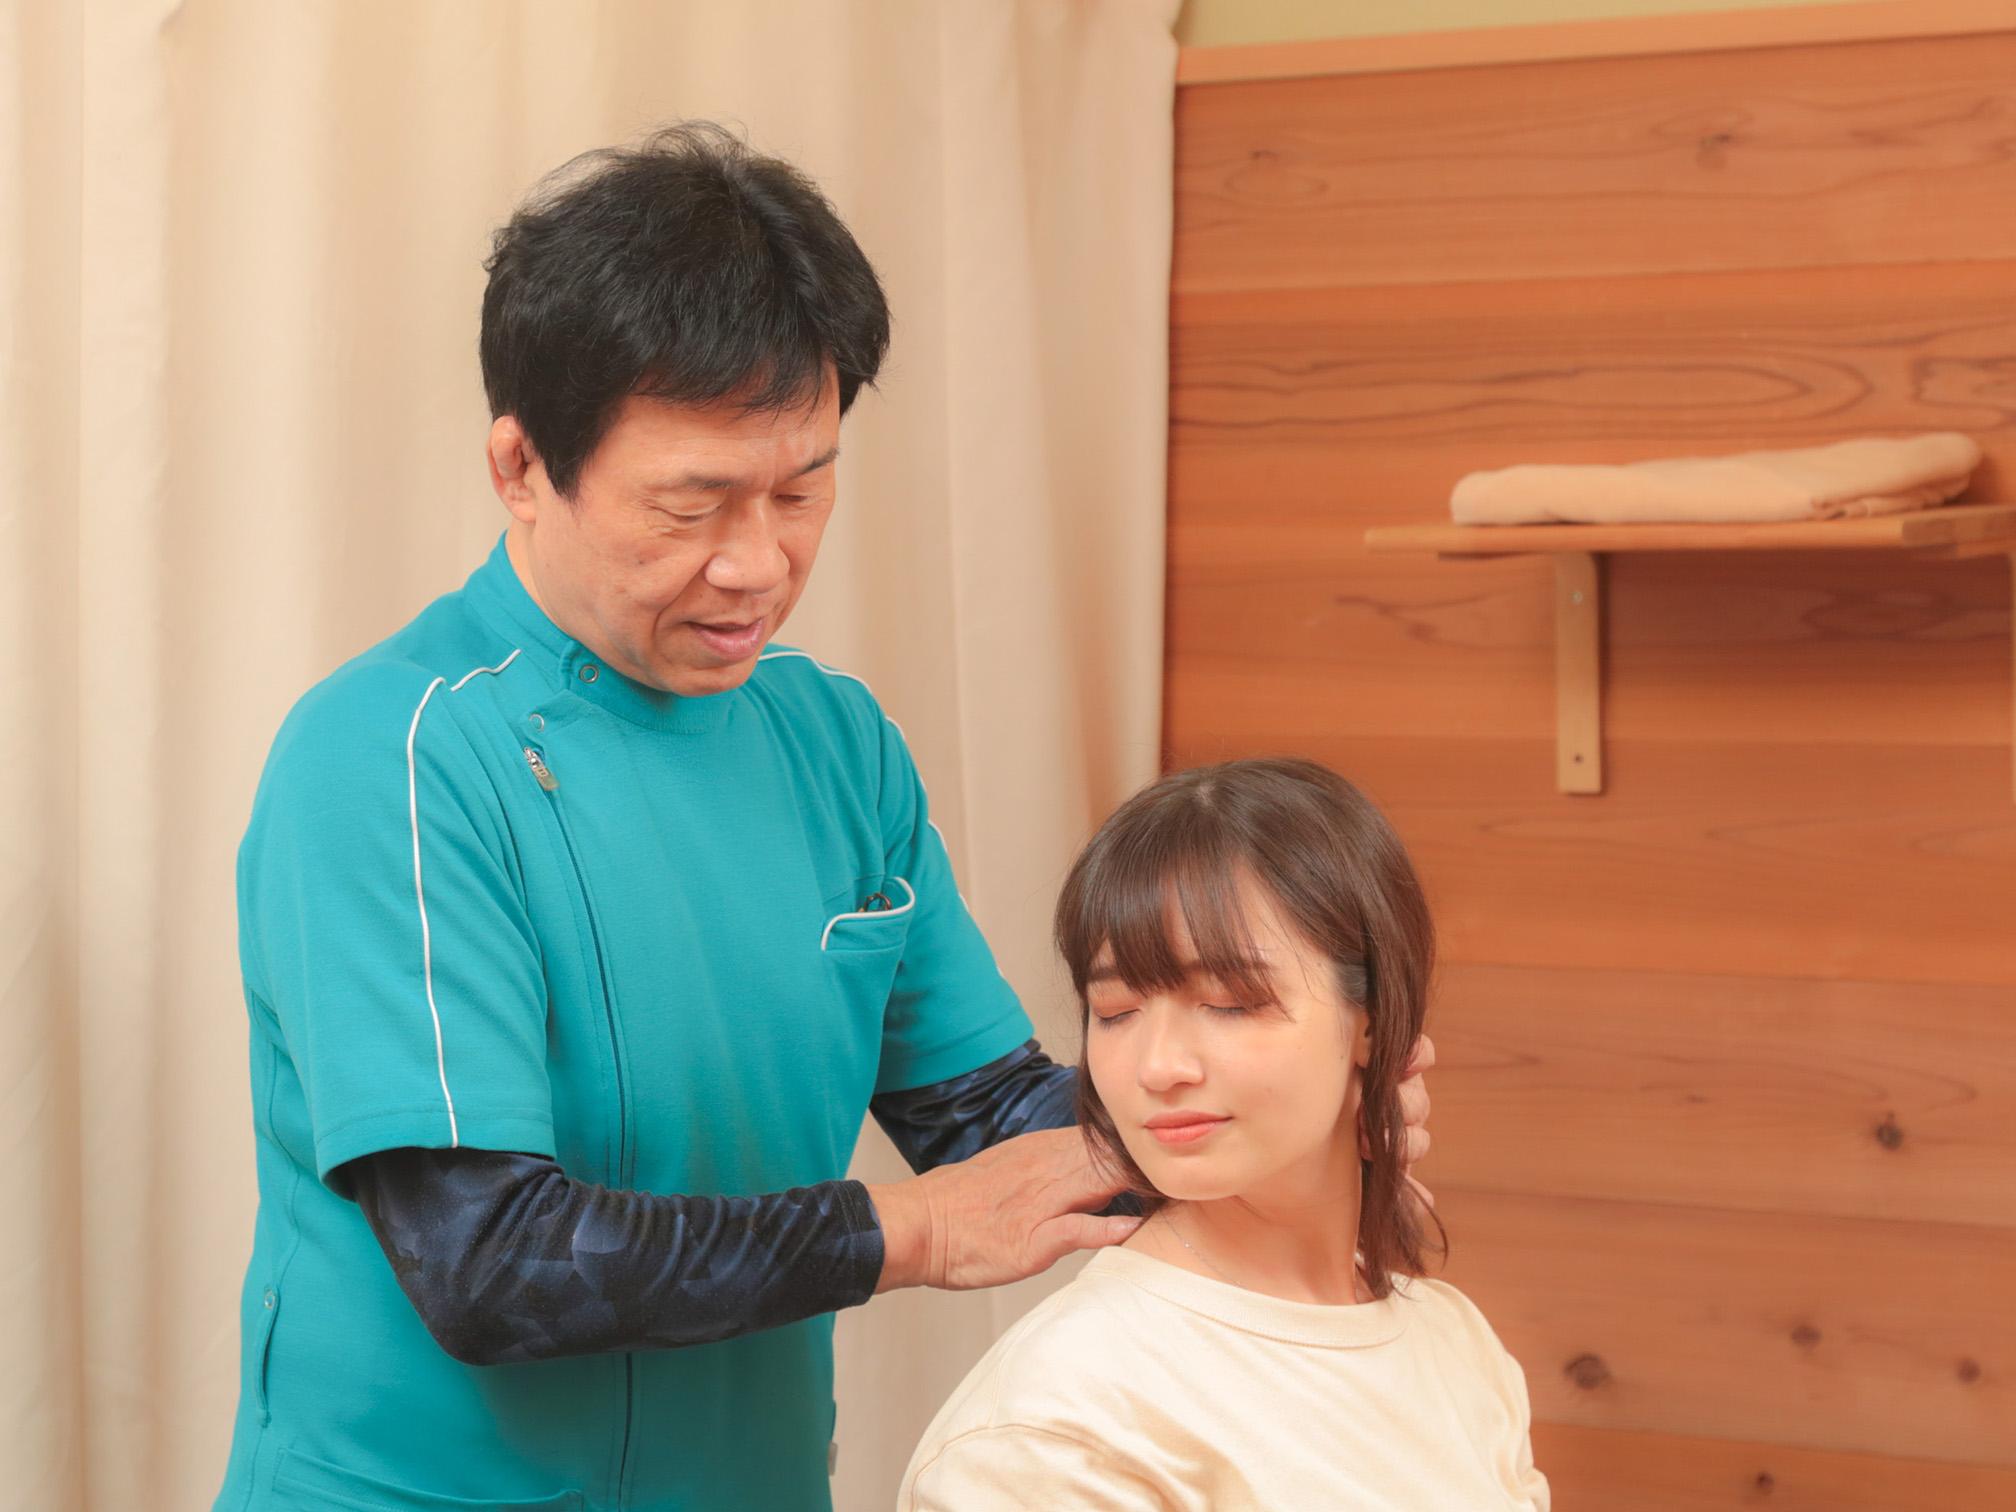 施術前の痛みその他症状の有無を確認します